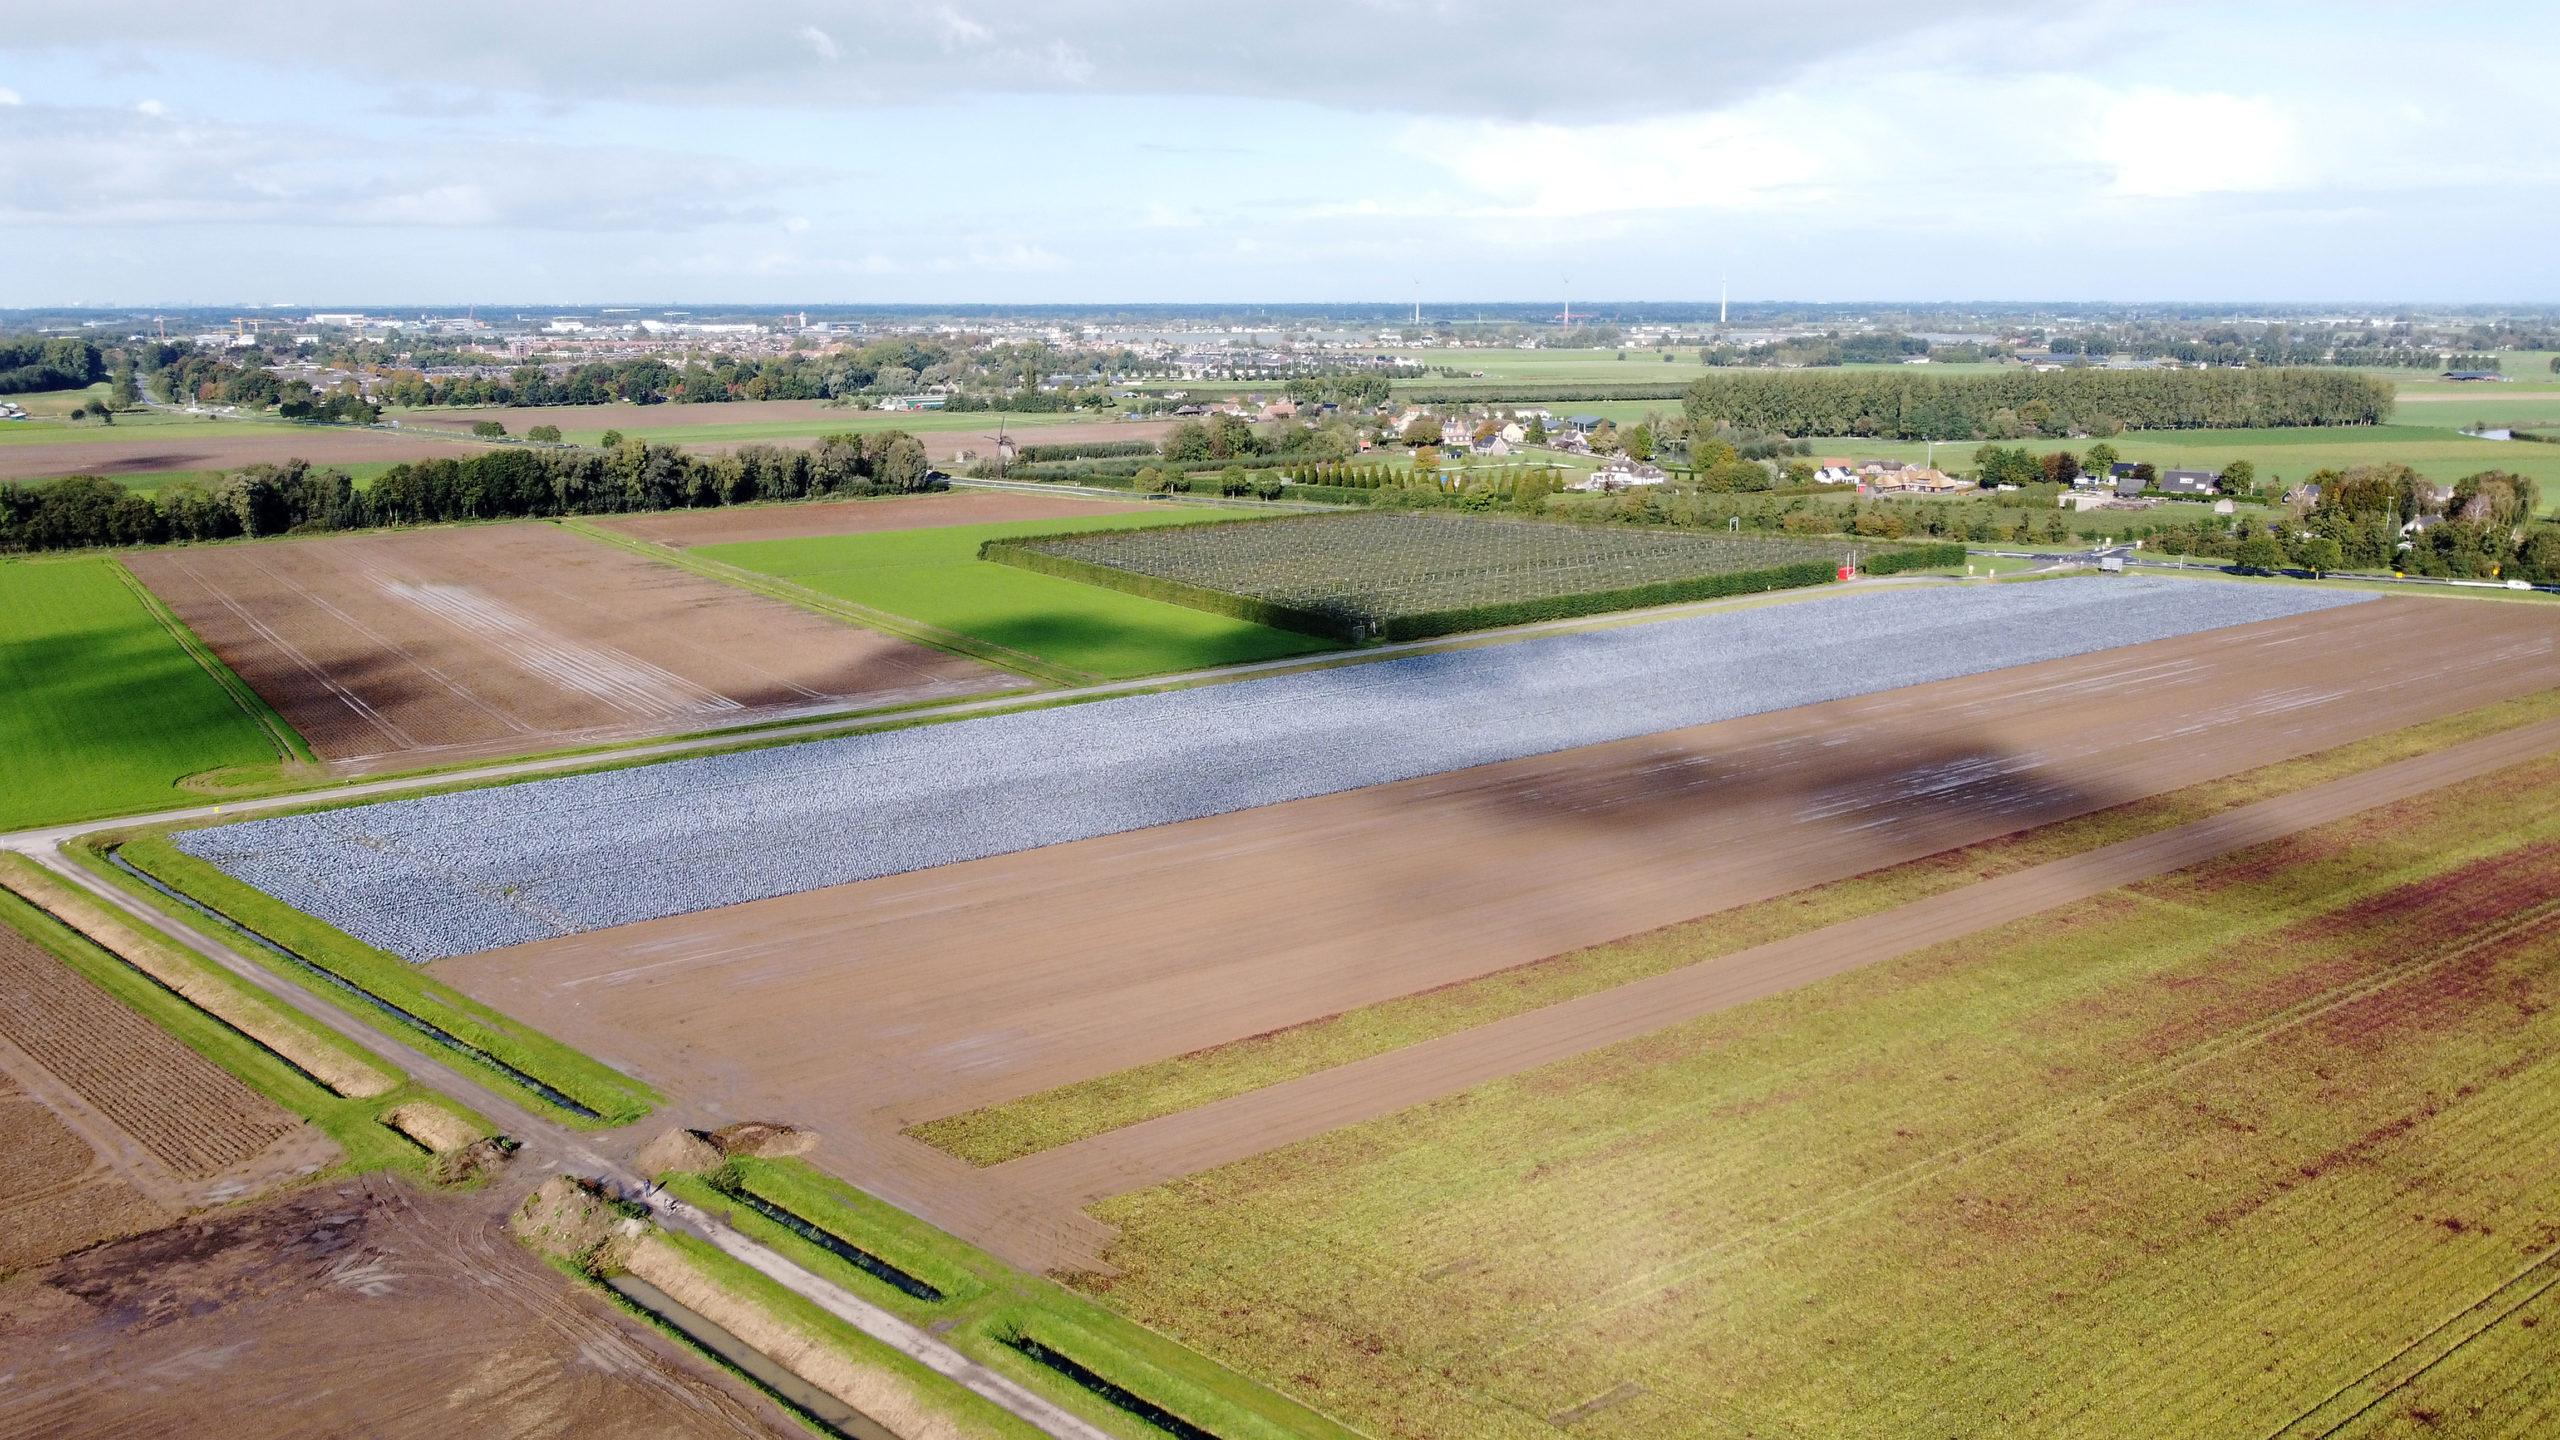 Kansen voor verwaarding van kringlooplandbouw in Altena'